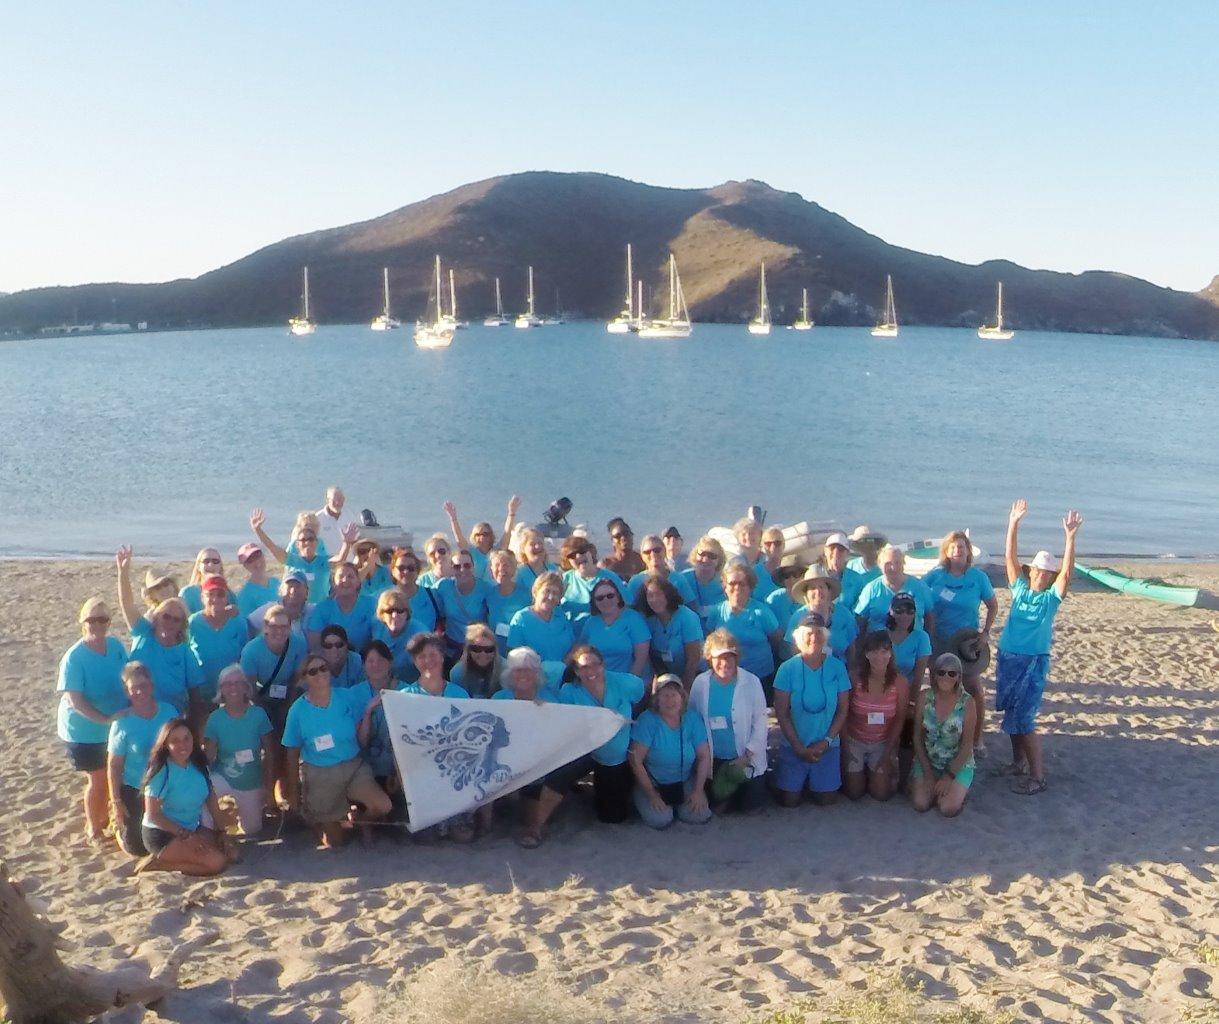 April 21 Women Who Sail - Sea of Cortez Rendezvous at San Evaristo